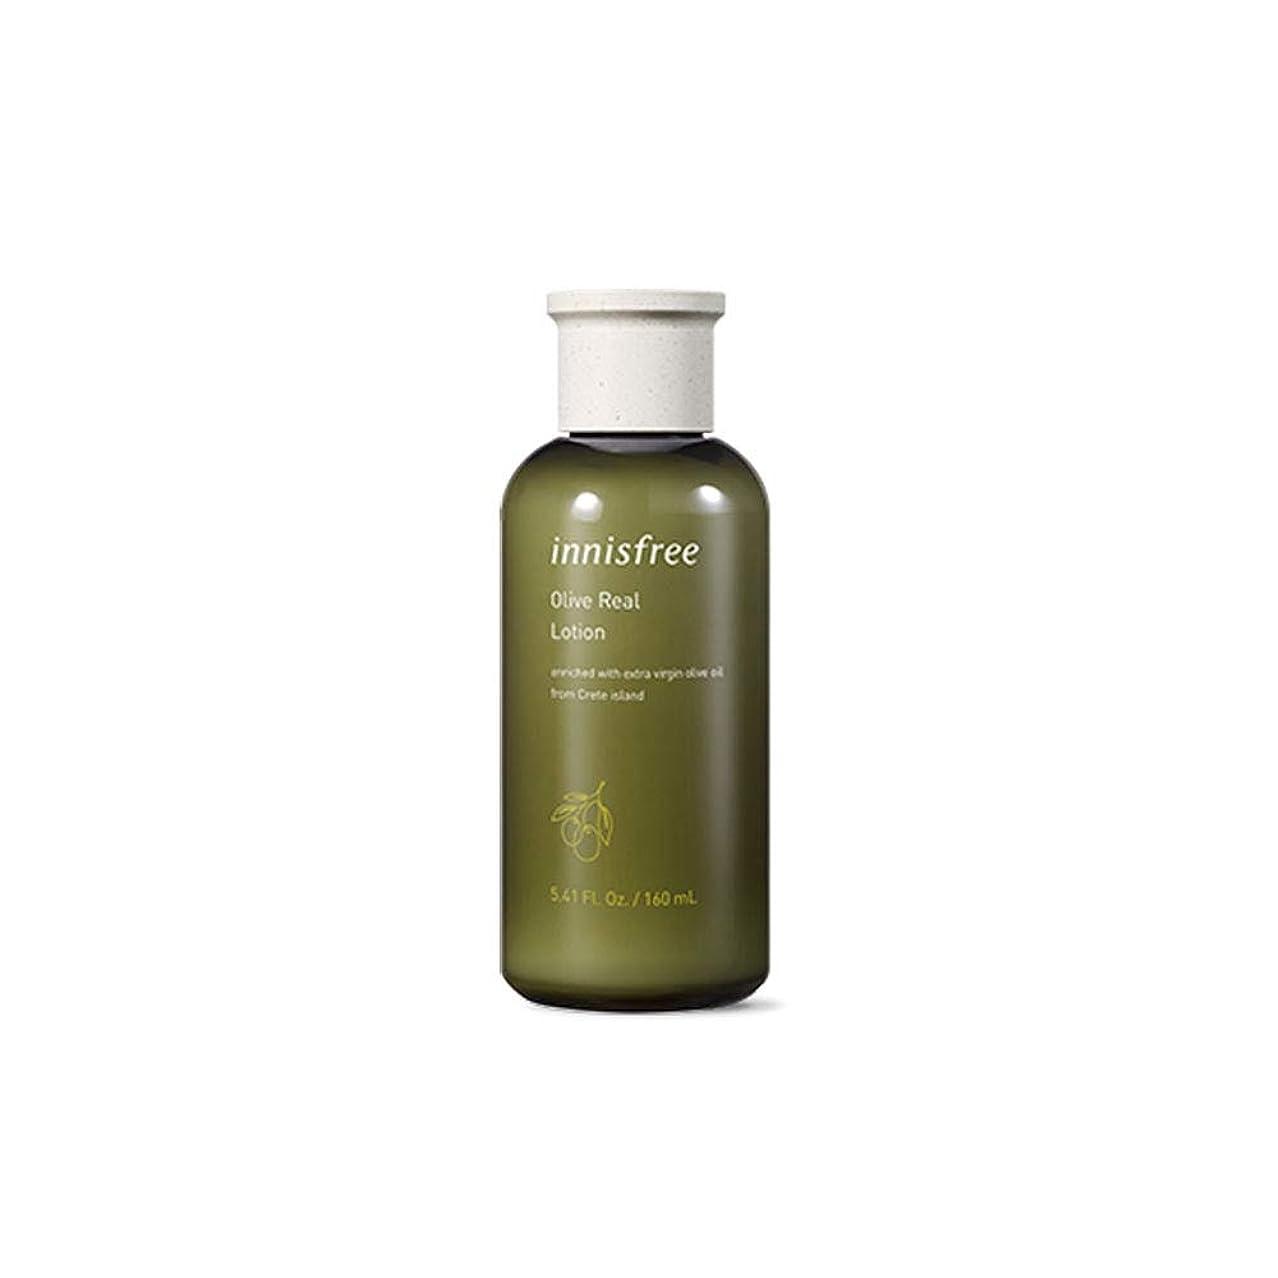 スクレーパー徴収初期NEW[イニスフリー] Innisfree オリーブリアルローション乳液EX(160ml) Innisfree Olive Real Lotion(160ml)EX [海外直送品]